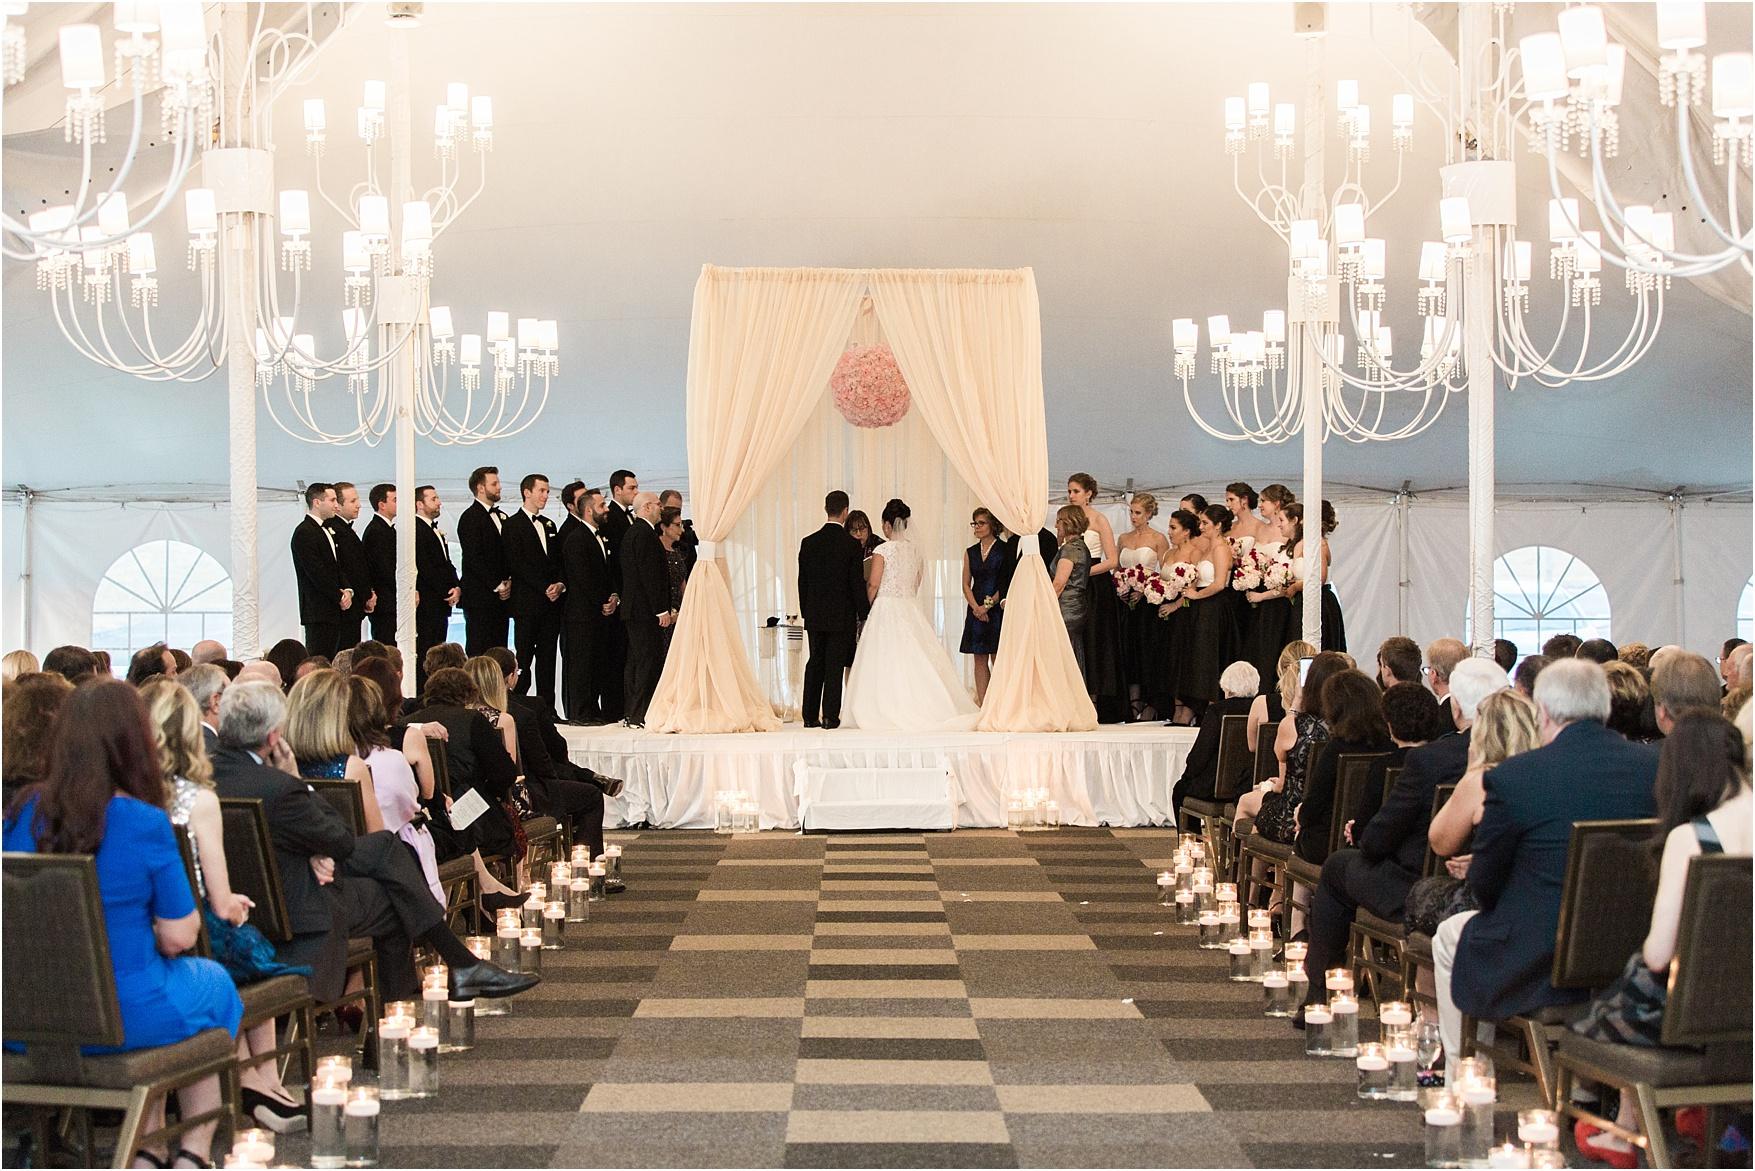 wedding photography st louis_lauren muckler photography_film photographer_film wedding_0063.jpg